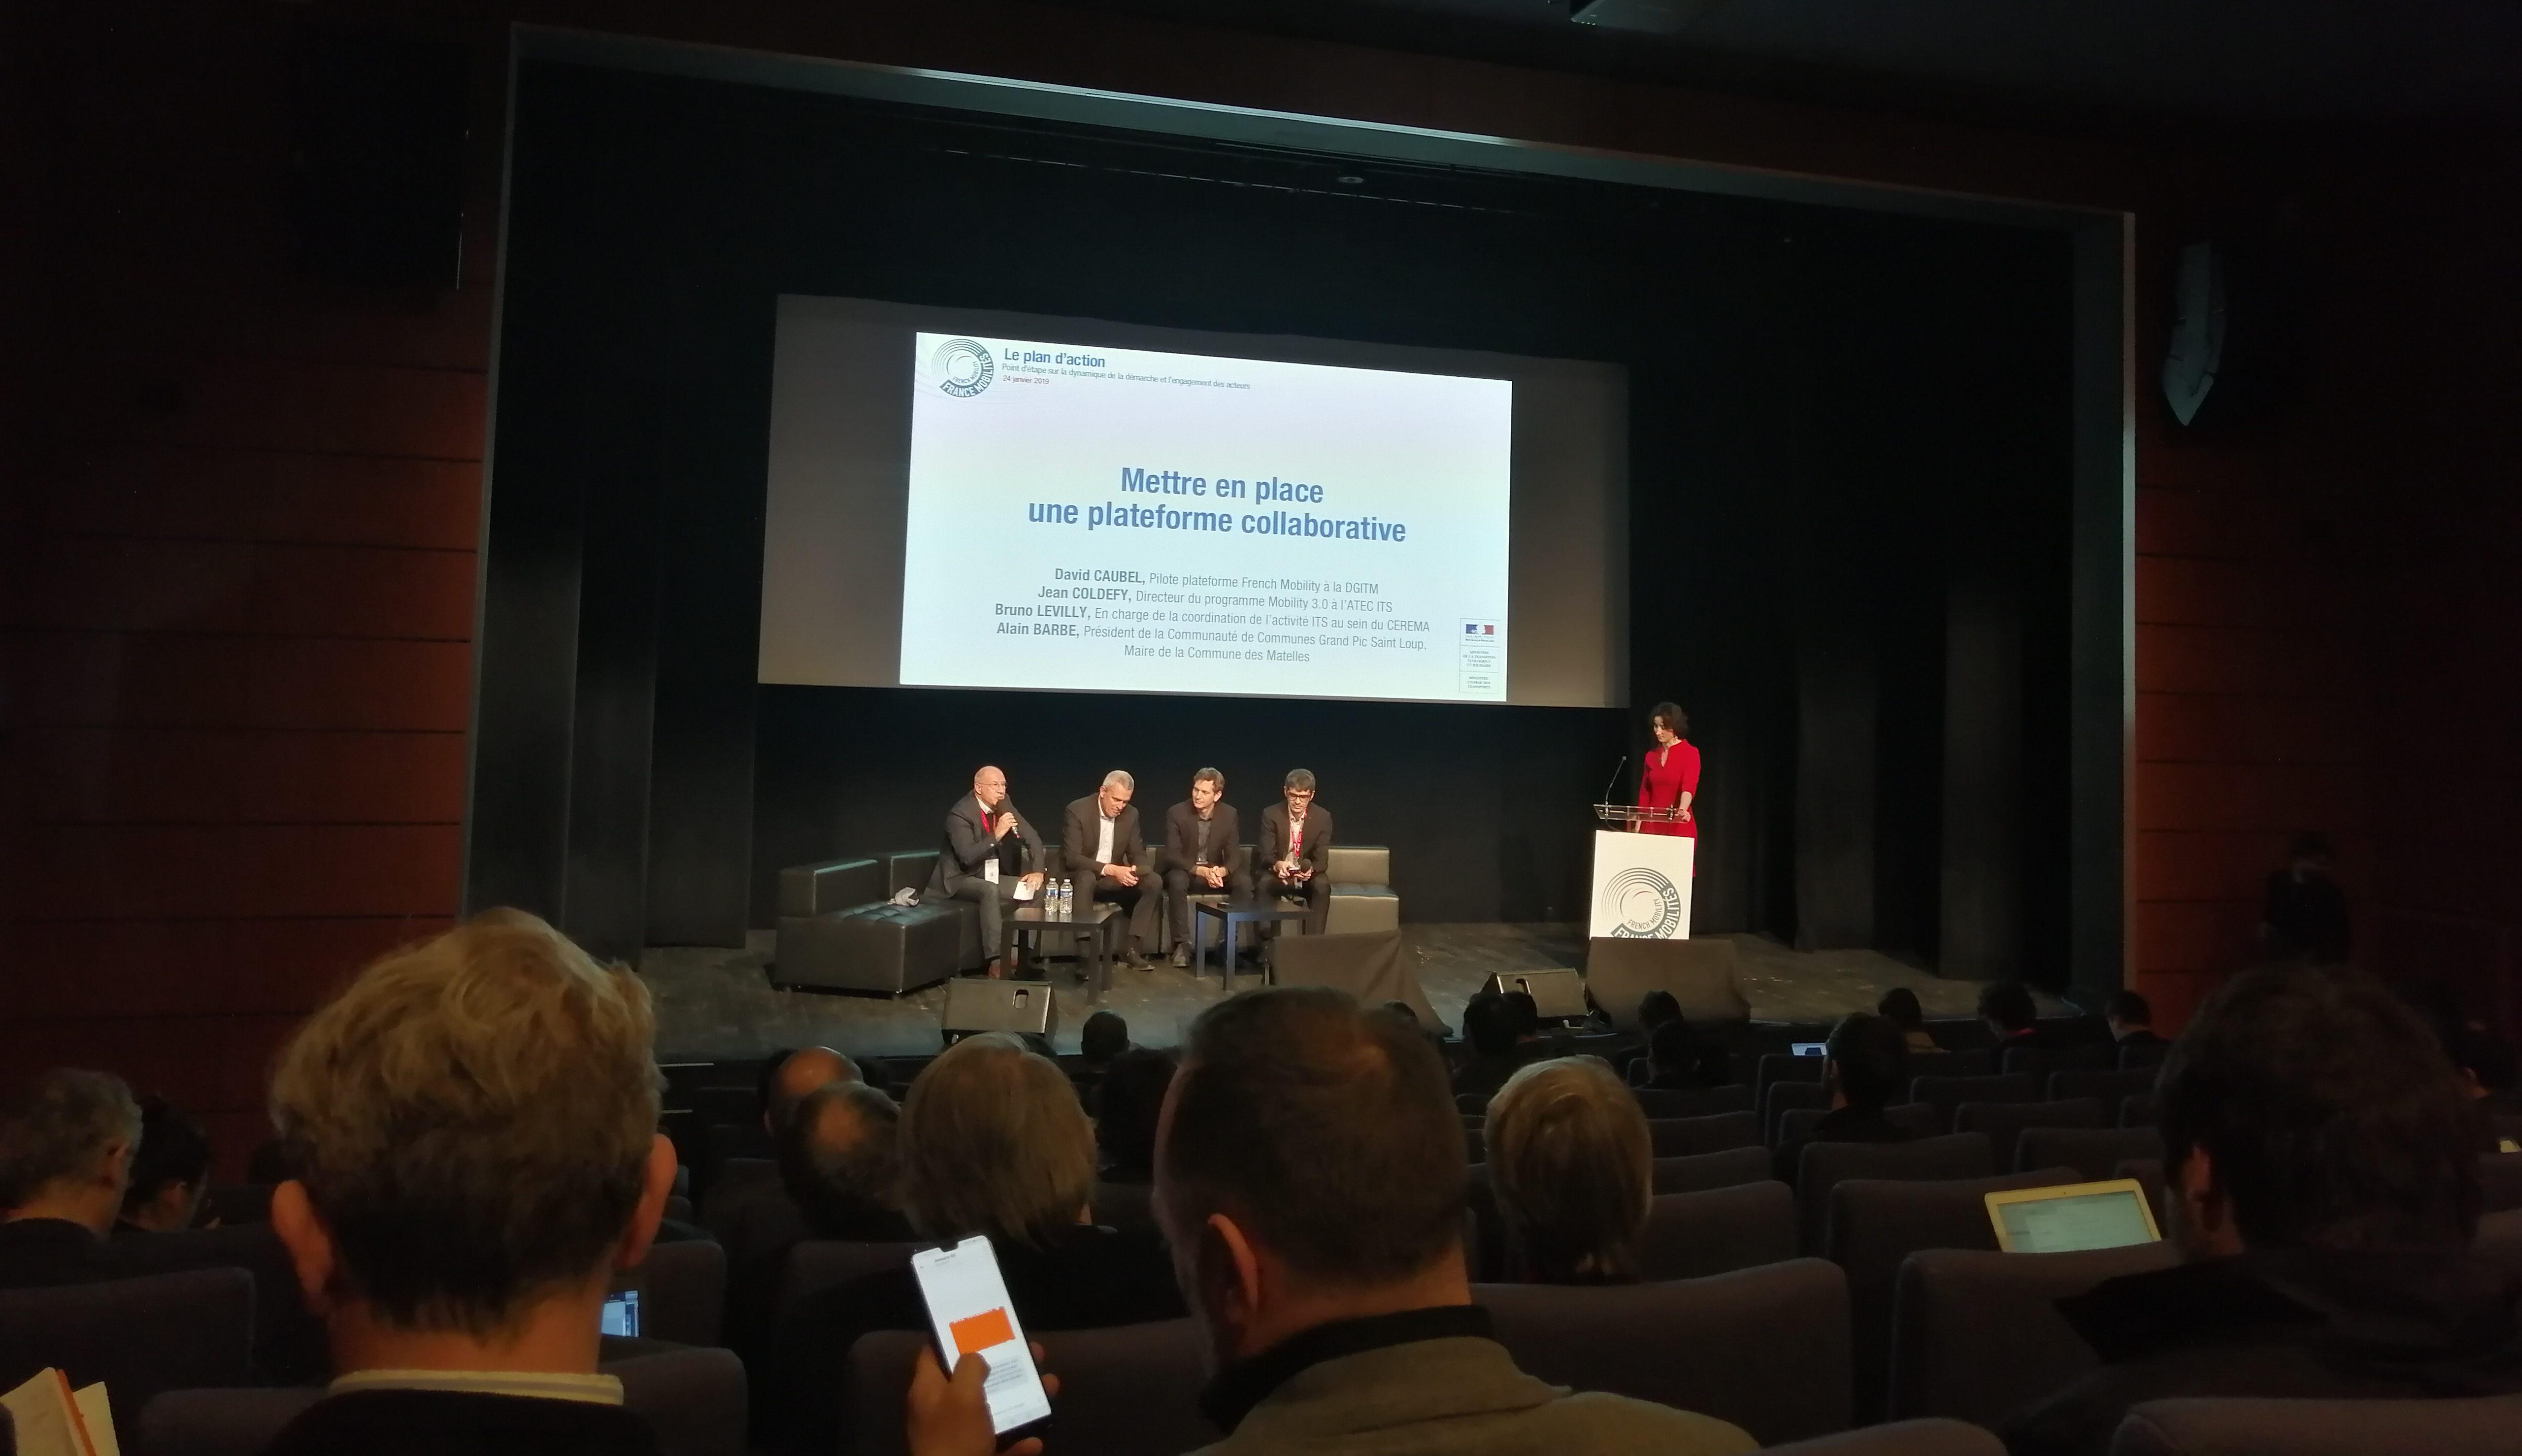 Le président Alain Barbe à l'annonce des résultats au Ministère des Transports le 24 janvier 2019. Photo : CCGSPL